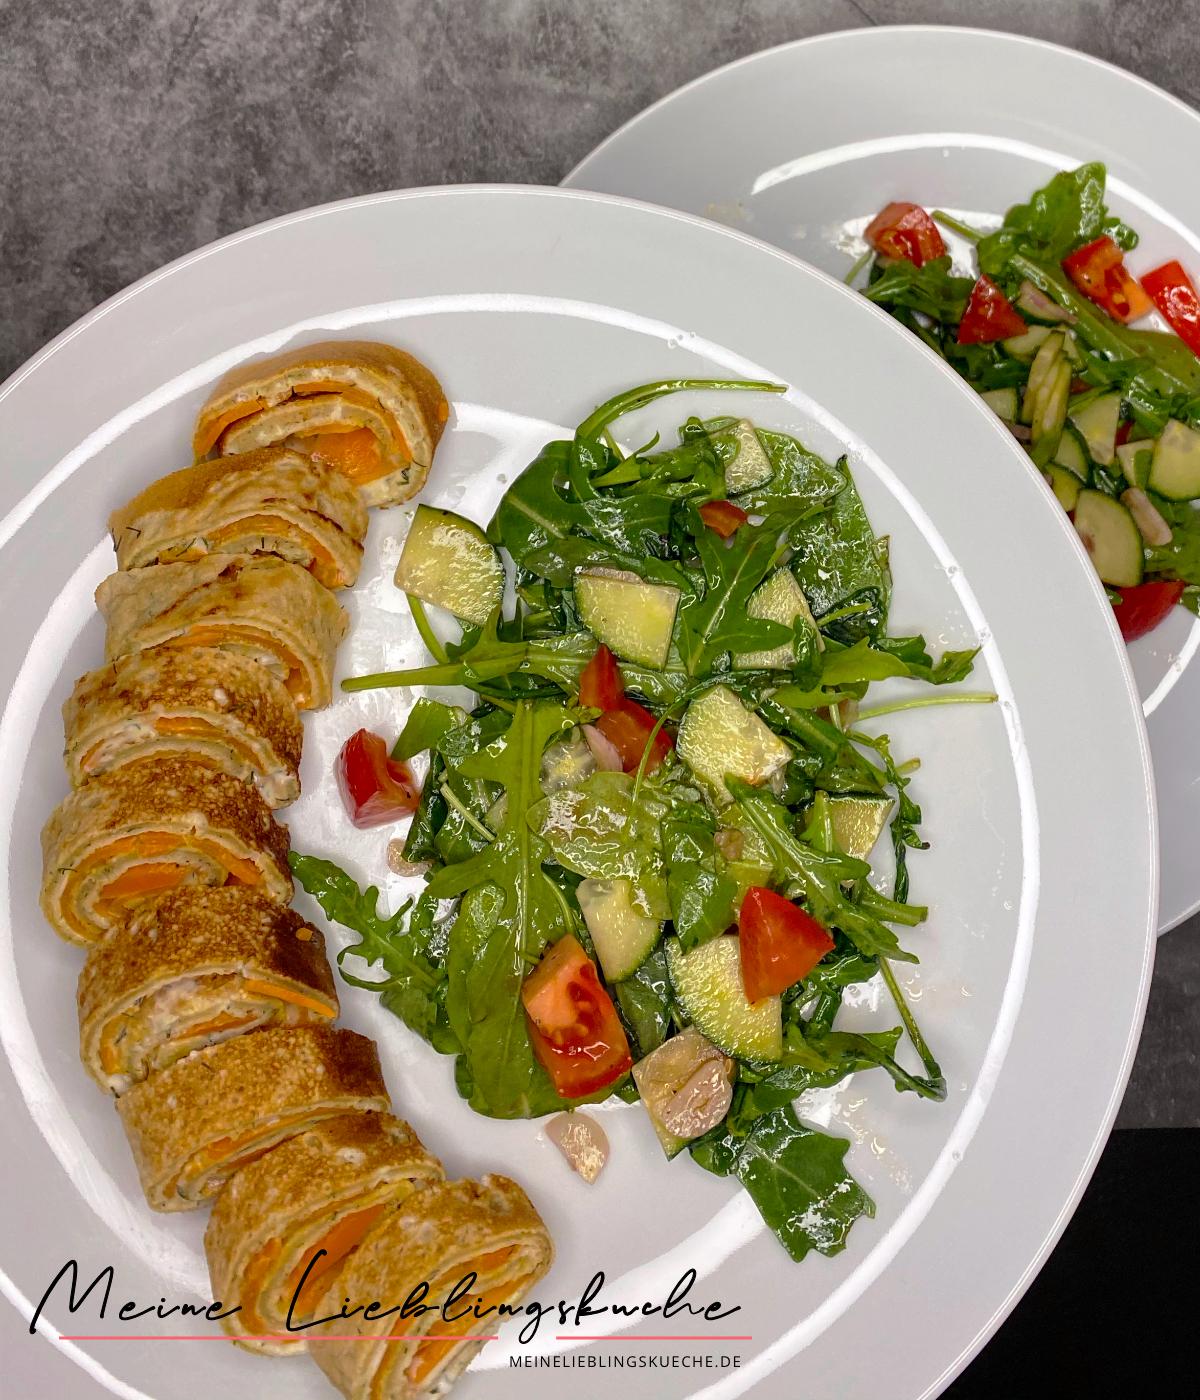 Vegane Pfannkuchen-Röllchen mit Karotten-Lachs und Frischkäse mit Salat